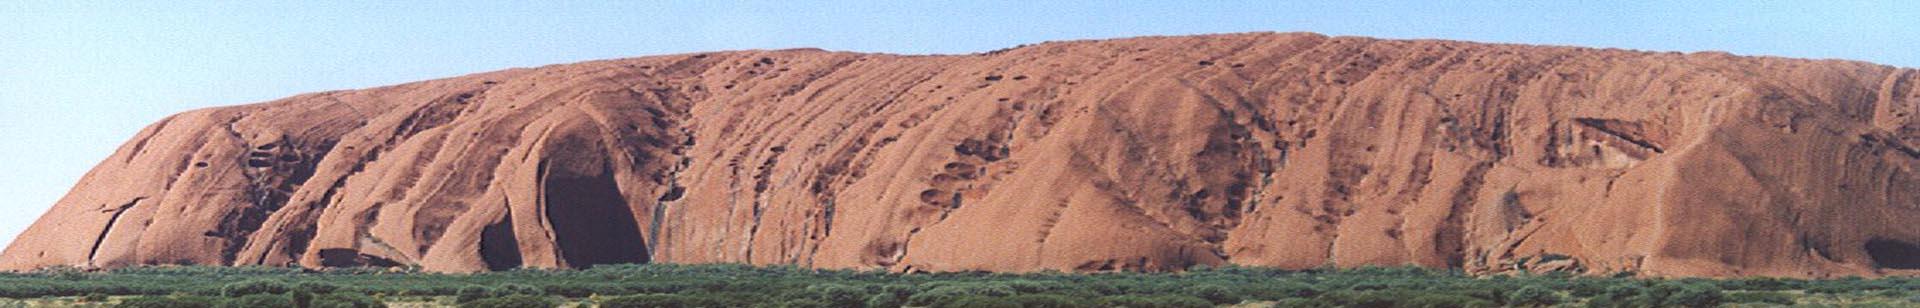 Uluru widok góry1920x308